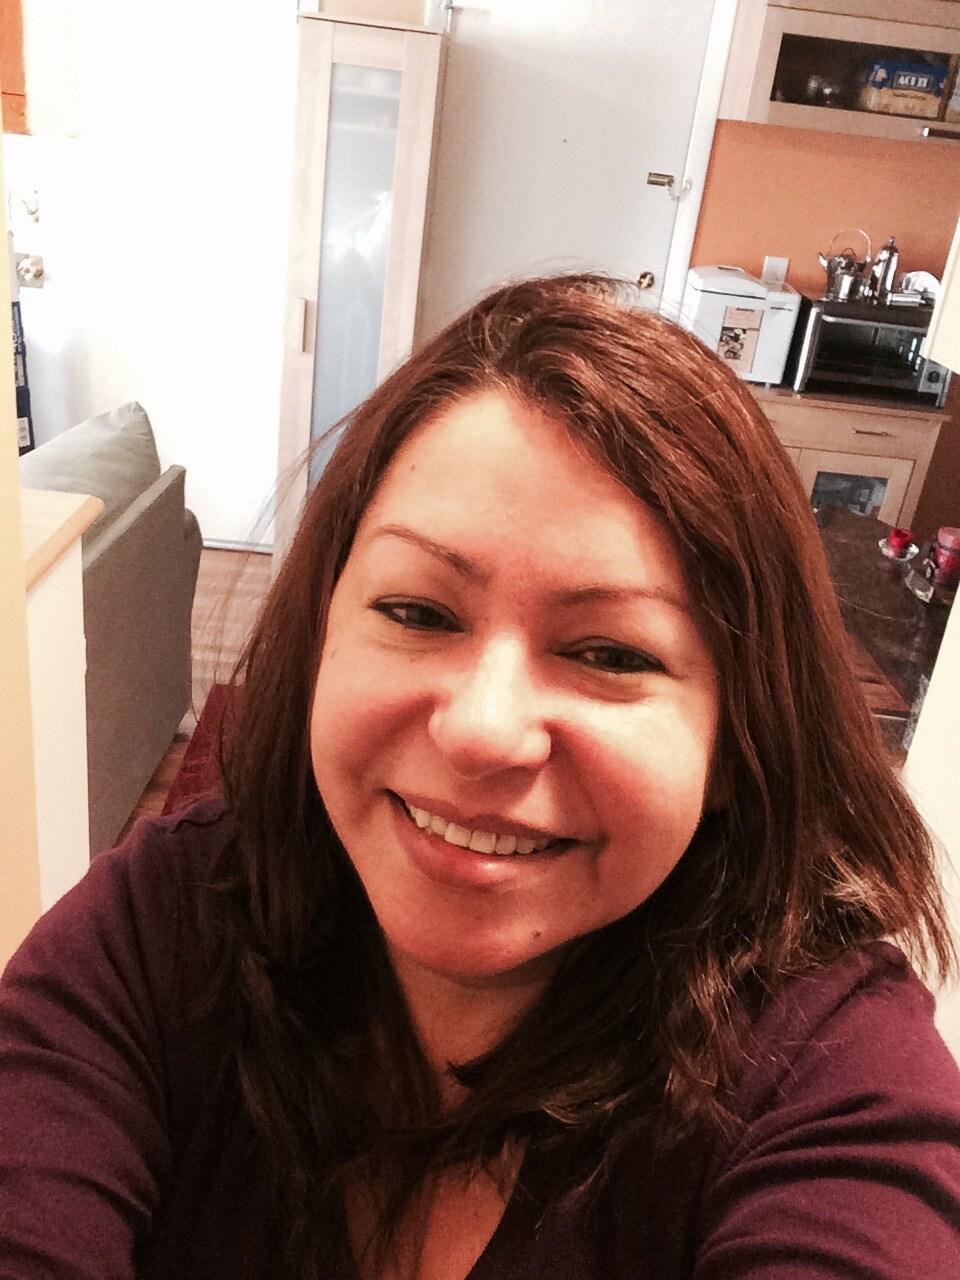 Soraya From Everett, MA